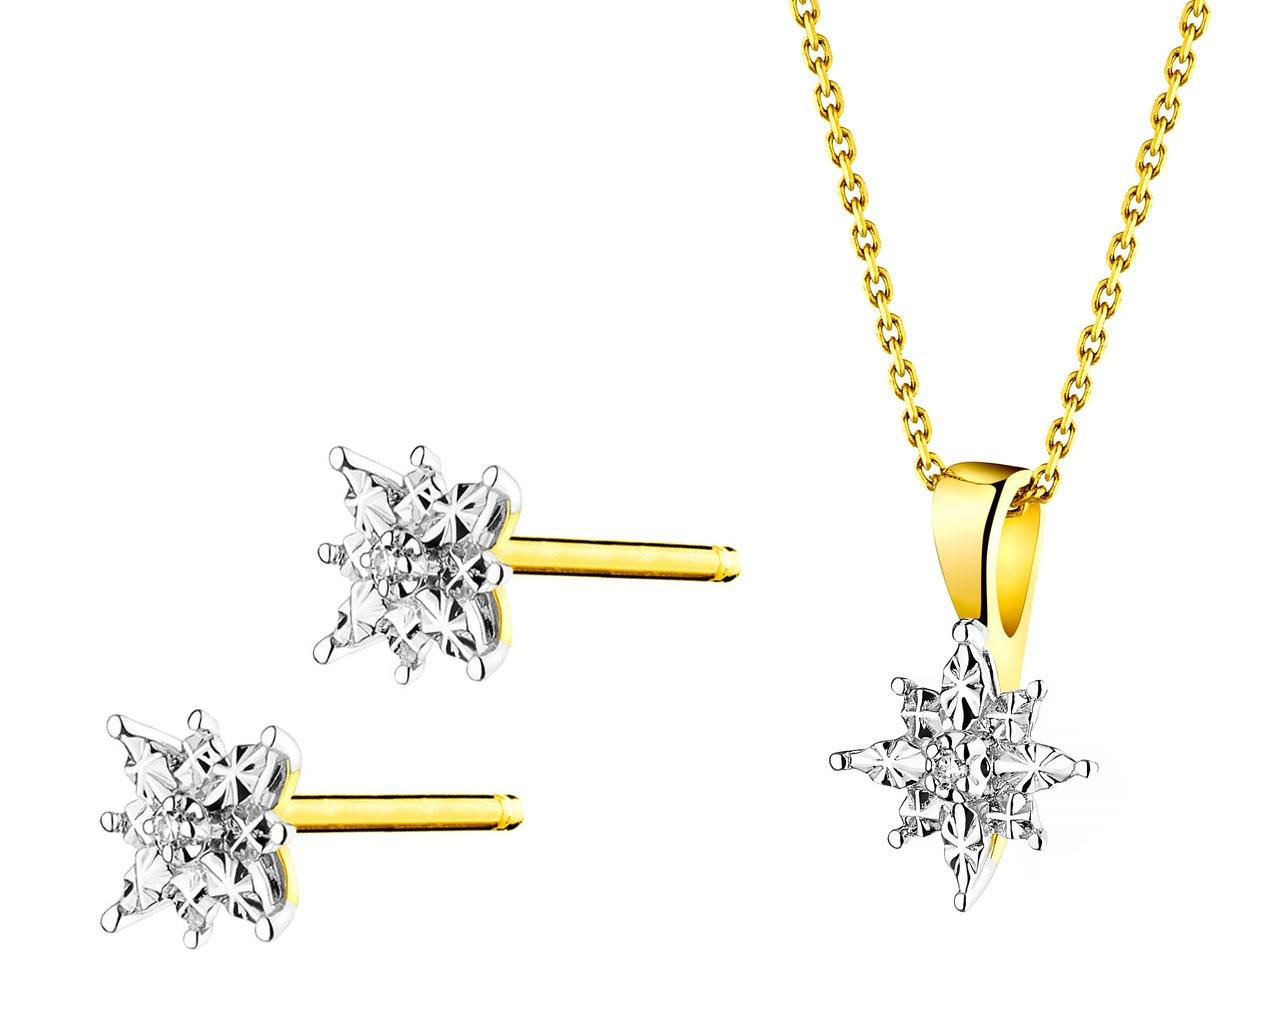 877fc5c6aad2 Najpiękniejsze Komplety Biżuterii Złotej i Srebrnej na Każdą Okazję ...